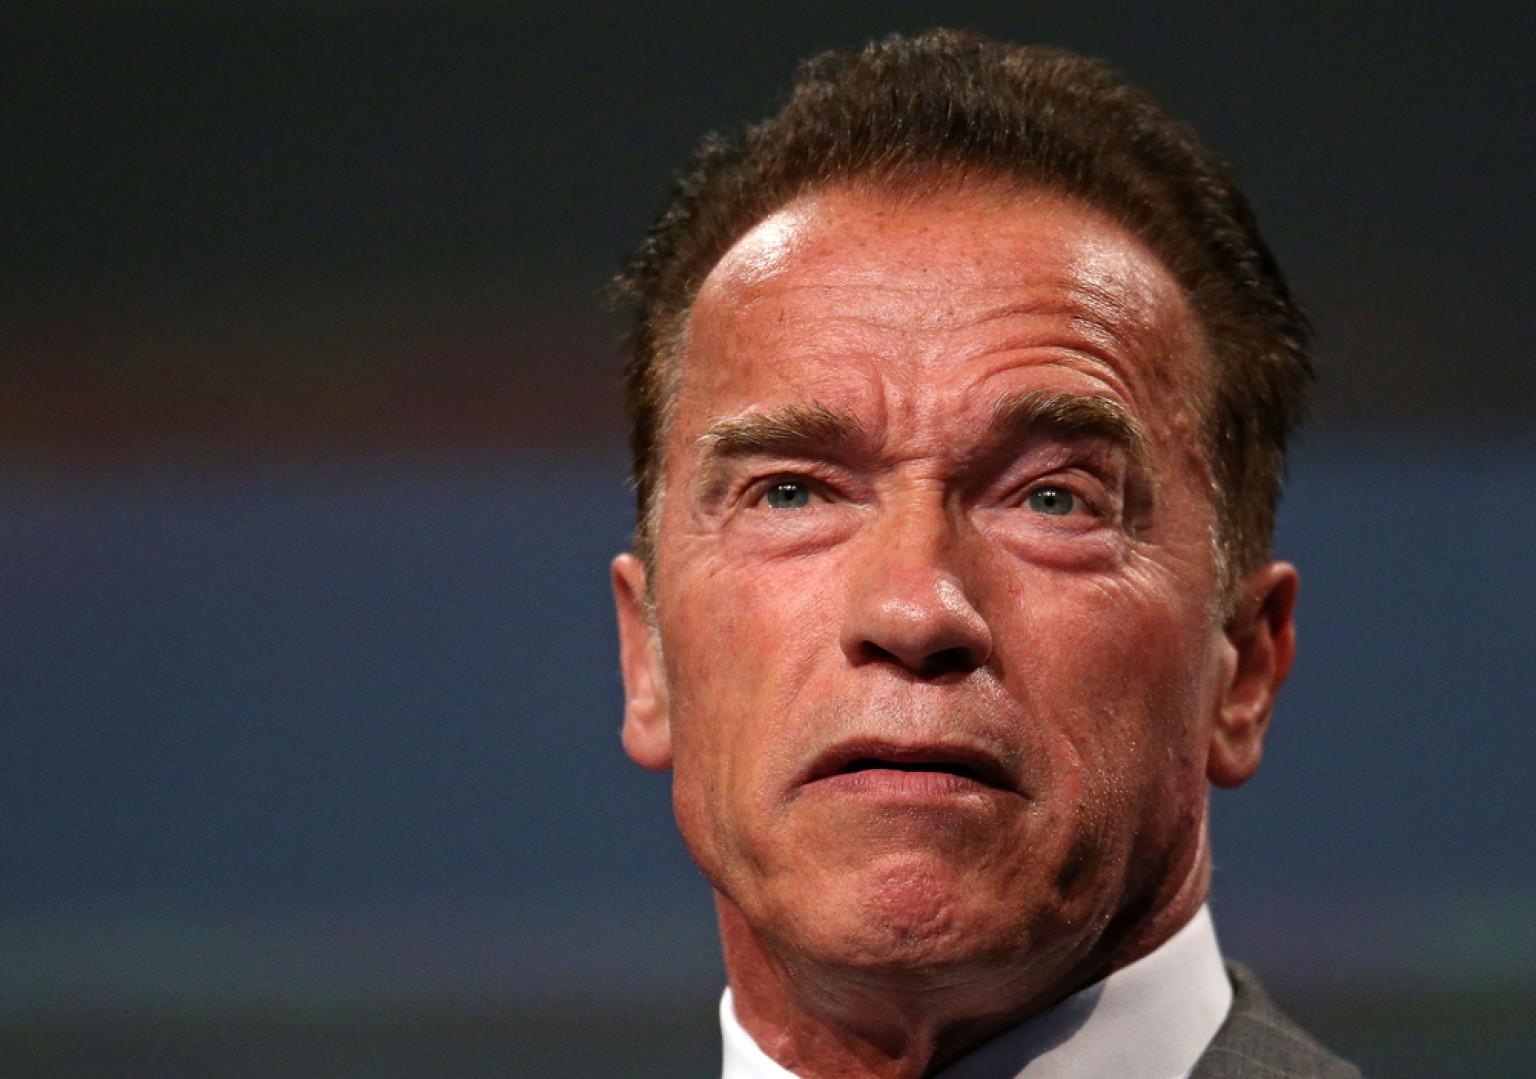 People - Arnold Schwarzenegger Arnold Schwarzenegger